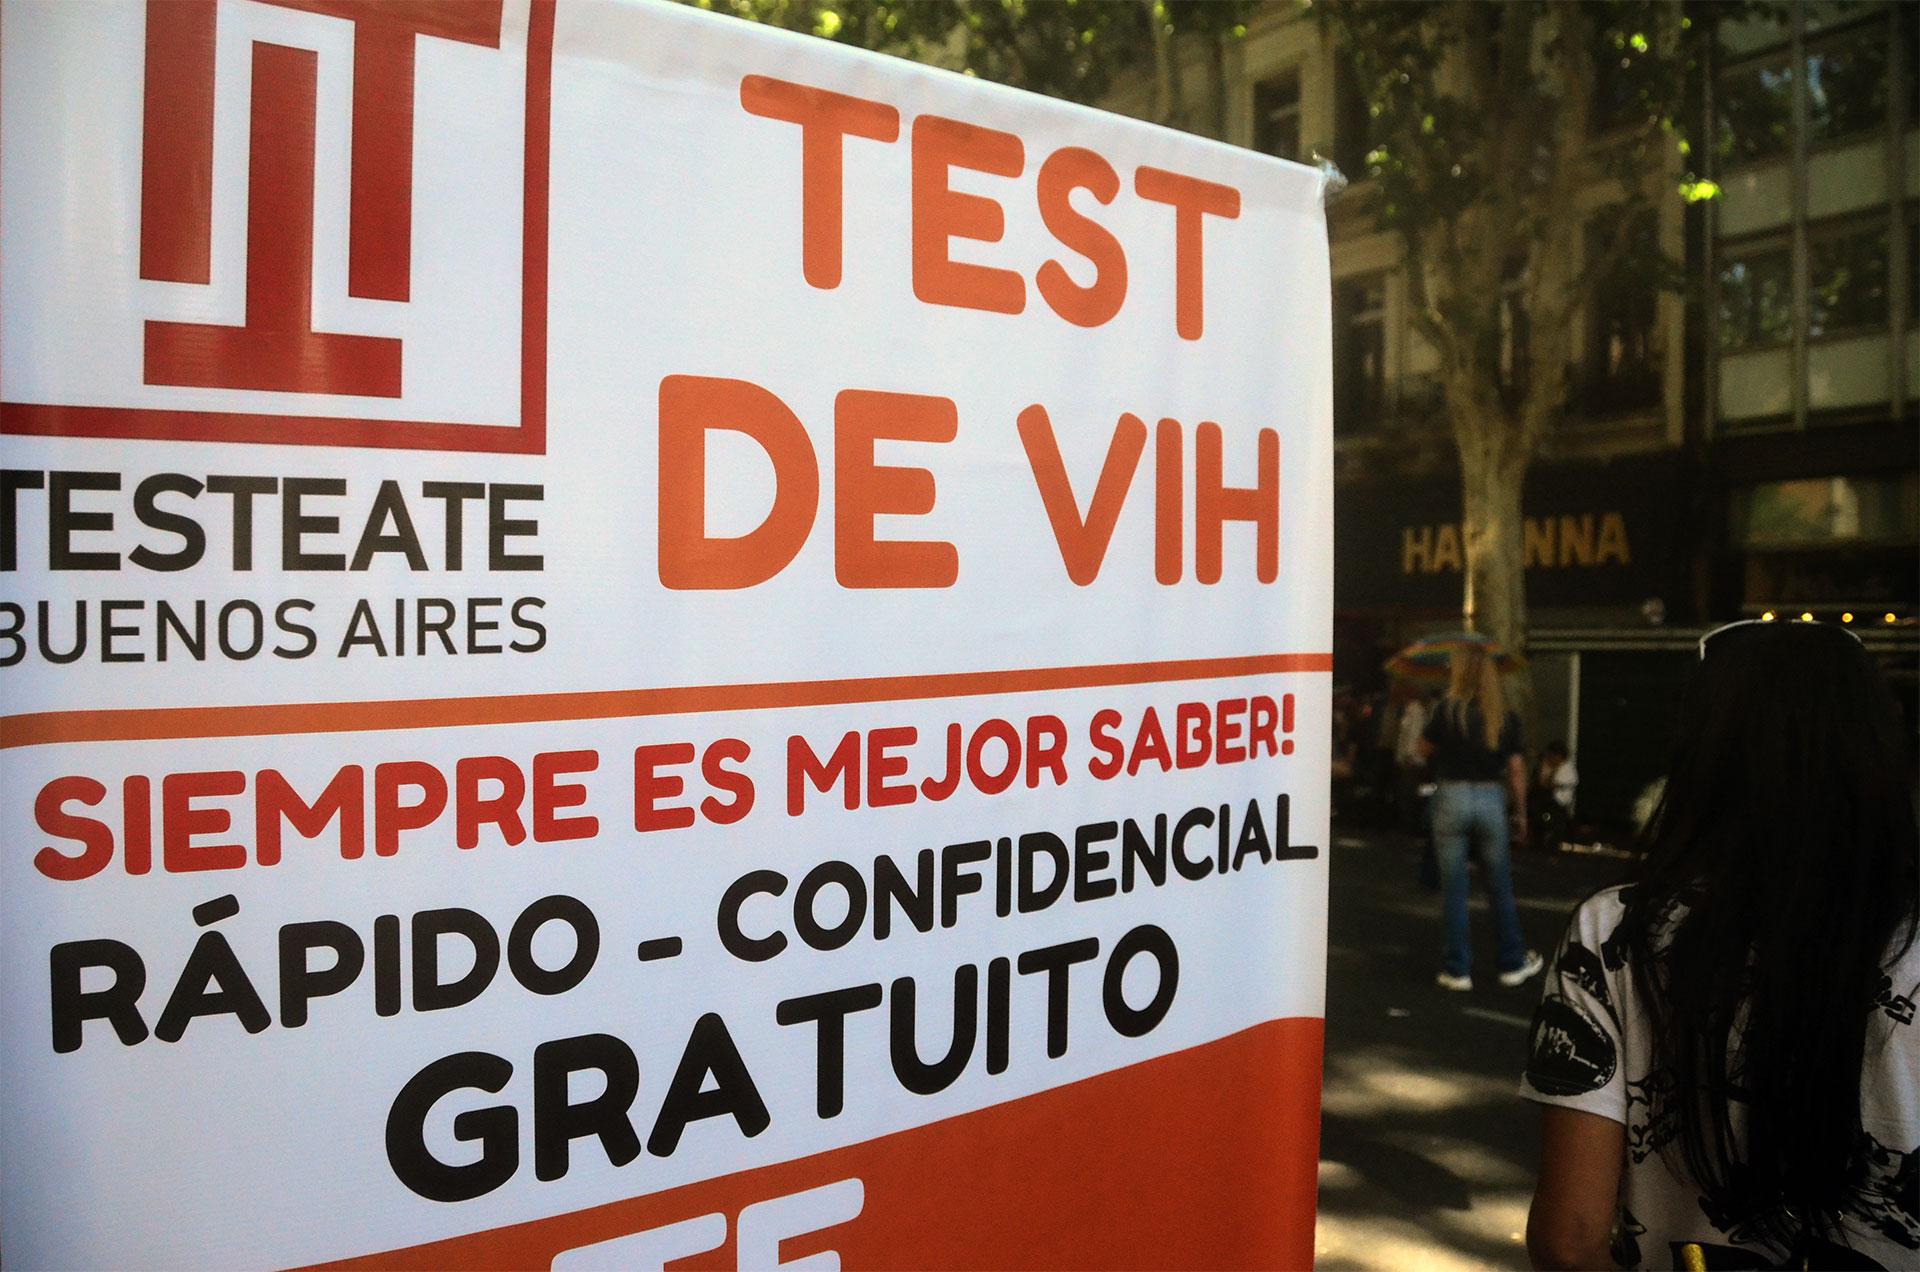 La organización está a cargo de la Asociación Civil Alfonso Farías y todo lo recaudado irá a beneficio de Casa Vela, un espacio de contención, prevención y formación en relación con la temática del virus HIV